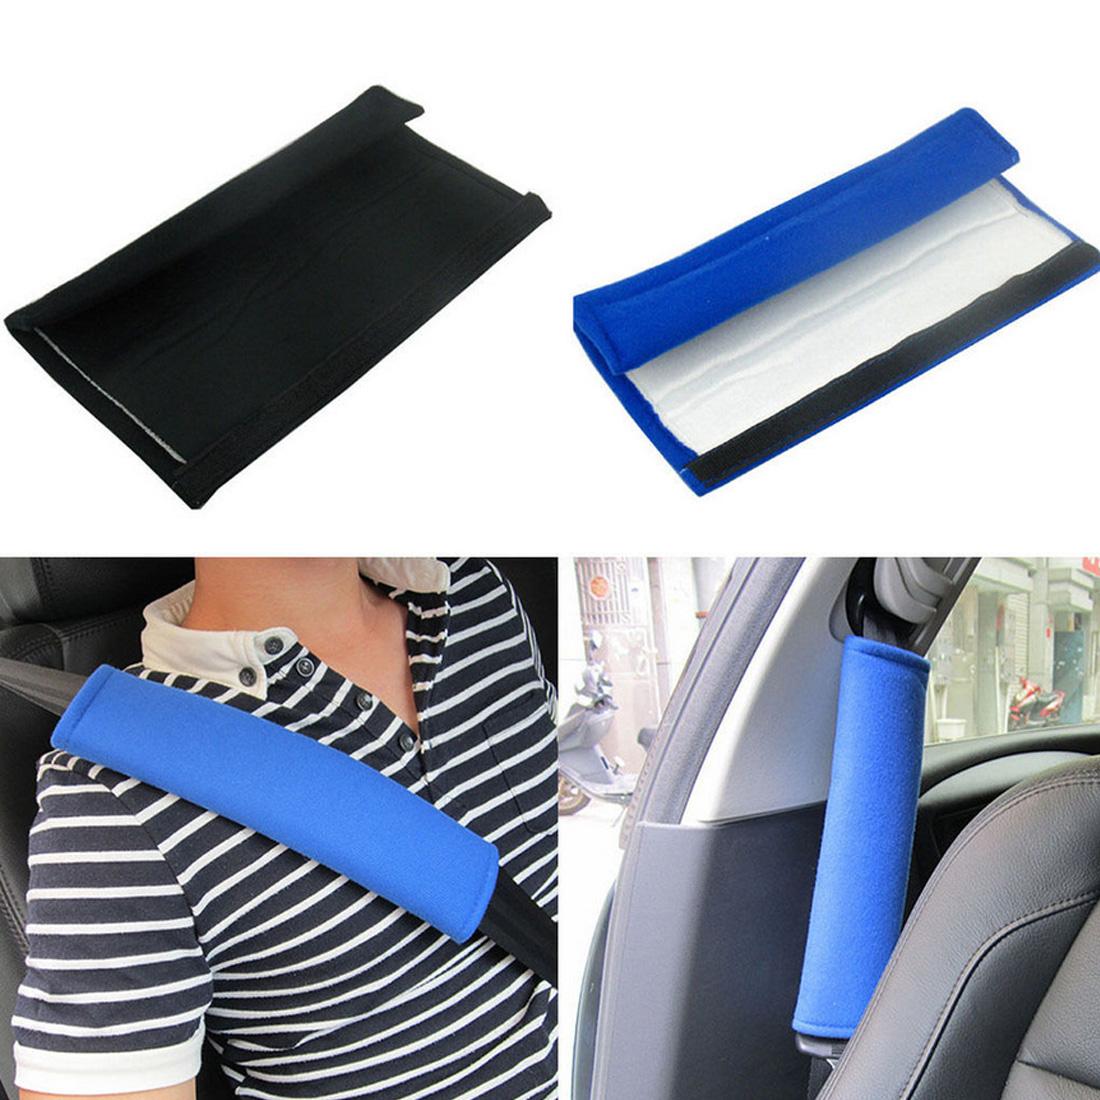 [해외]Dewtreetali 1 쌍 편안한 자동차 안전 좌석 벨트 어깨 패드 커버 쿠션 하네스 패드/Dewtreetali 1 Pair Comfortable Car Safety Seat Belt Shoulder Pads Cover Cushion Harness Pad